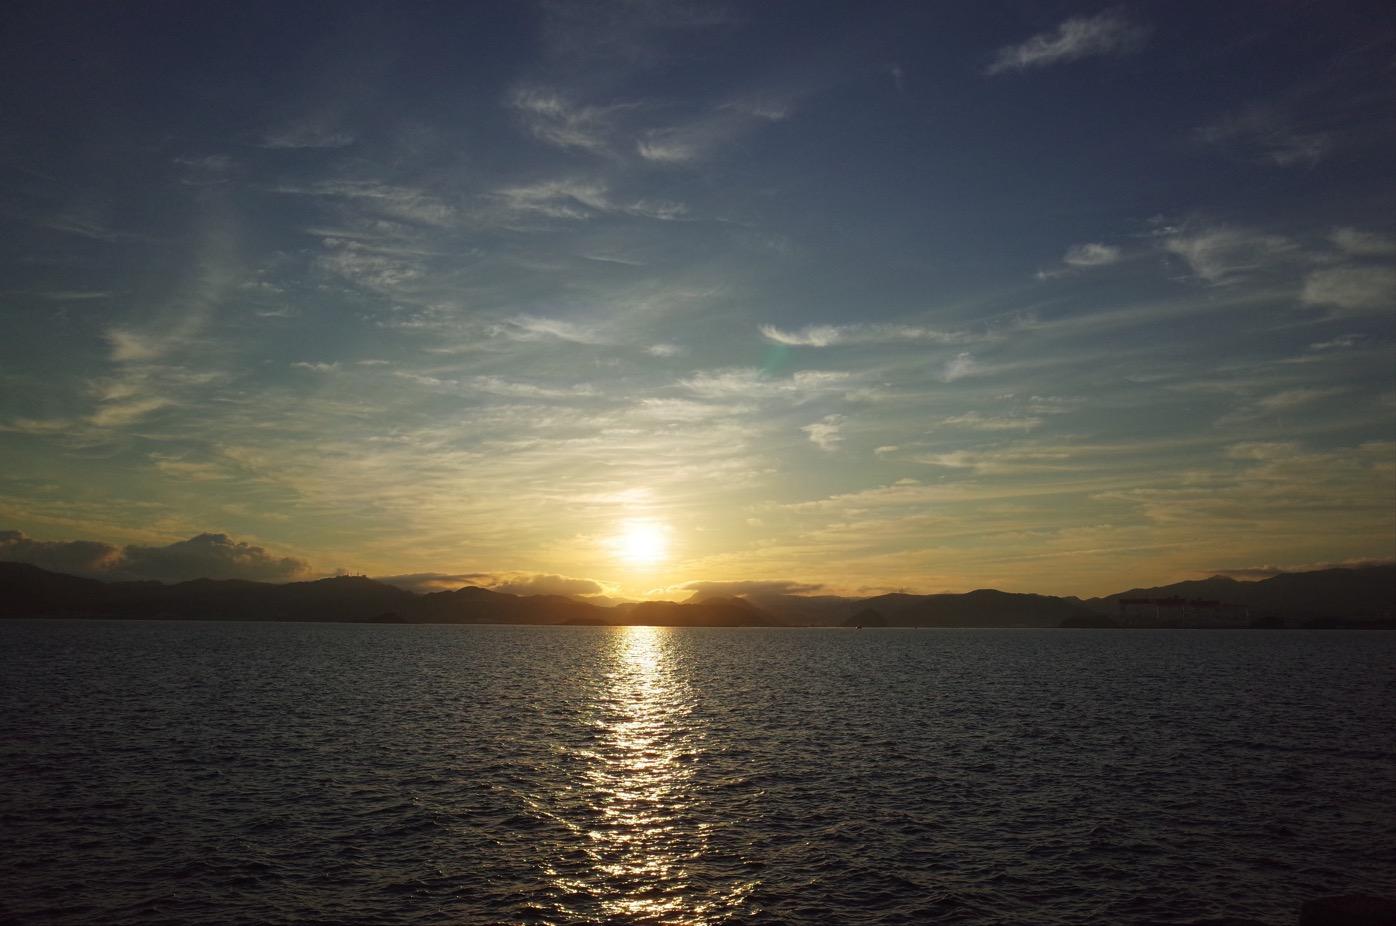 伊王島からの朝日